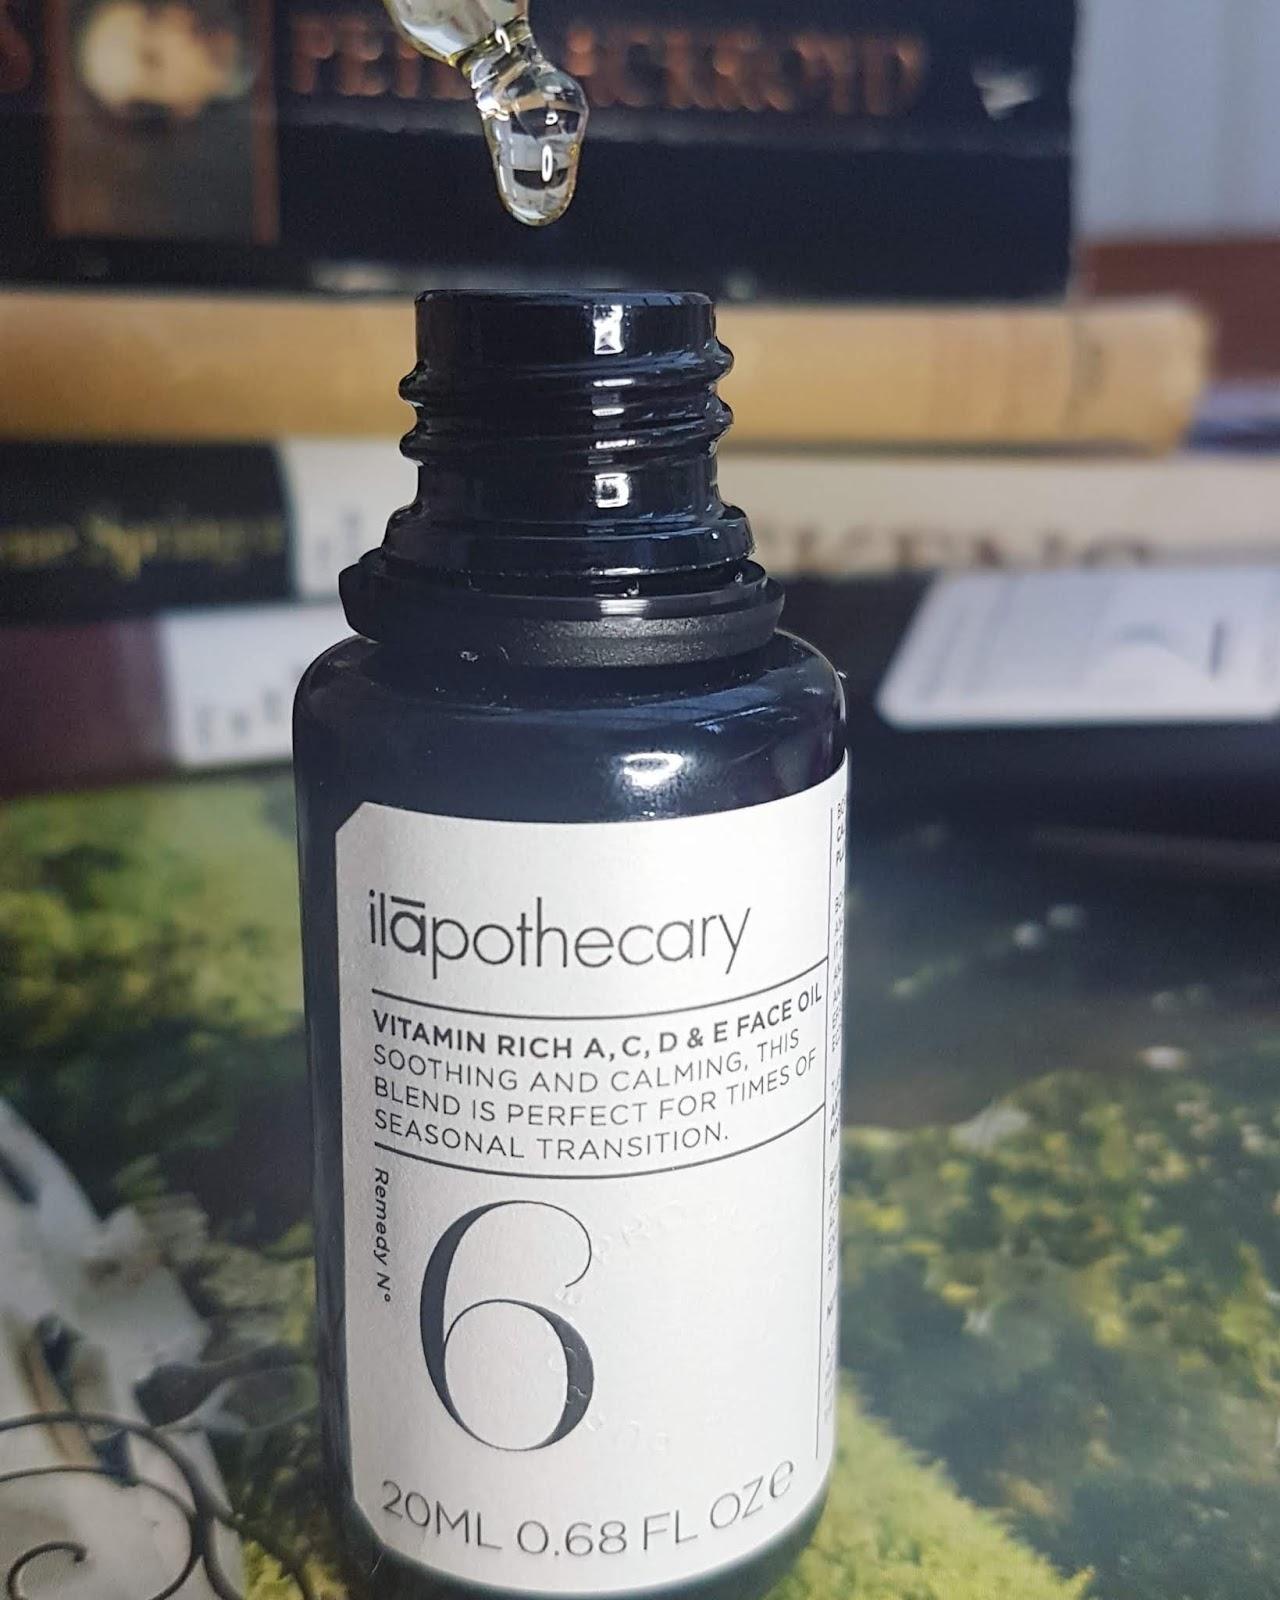 Ilapothecary Vitamin A C D & E Face Oil